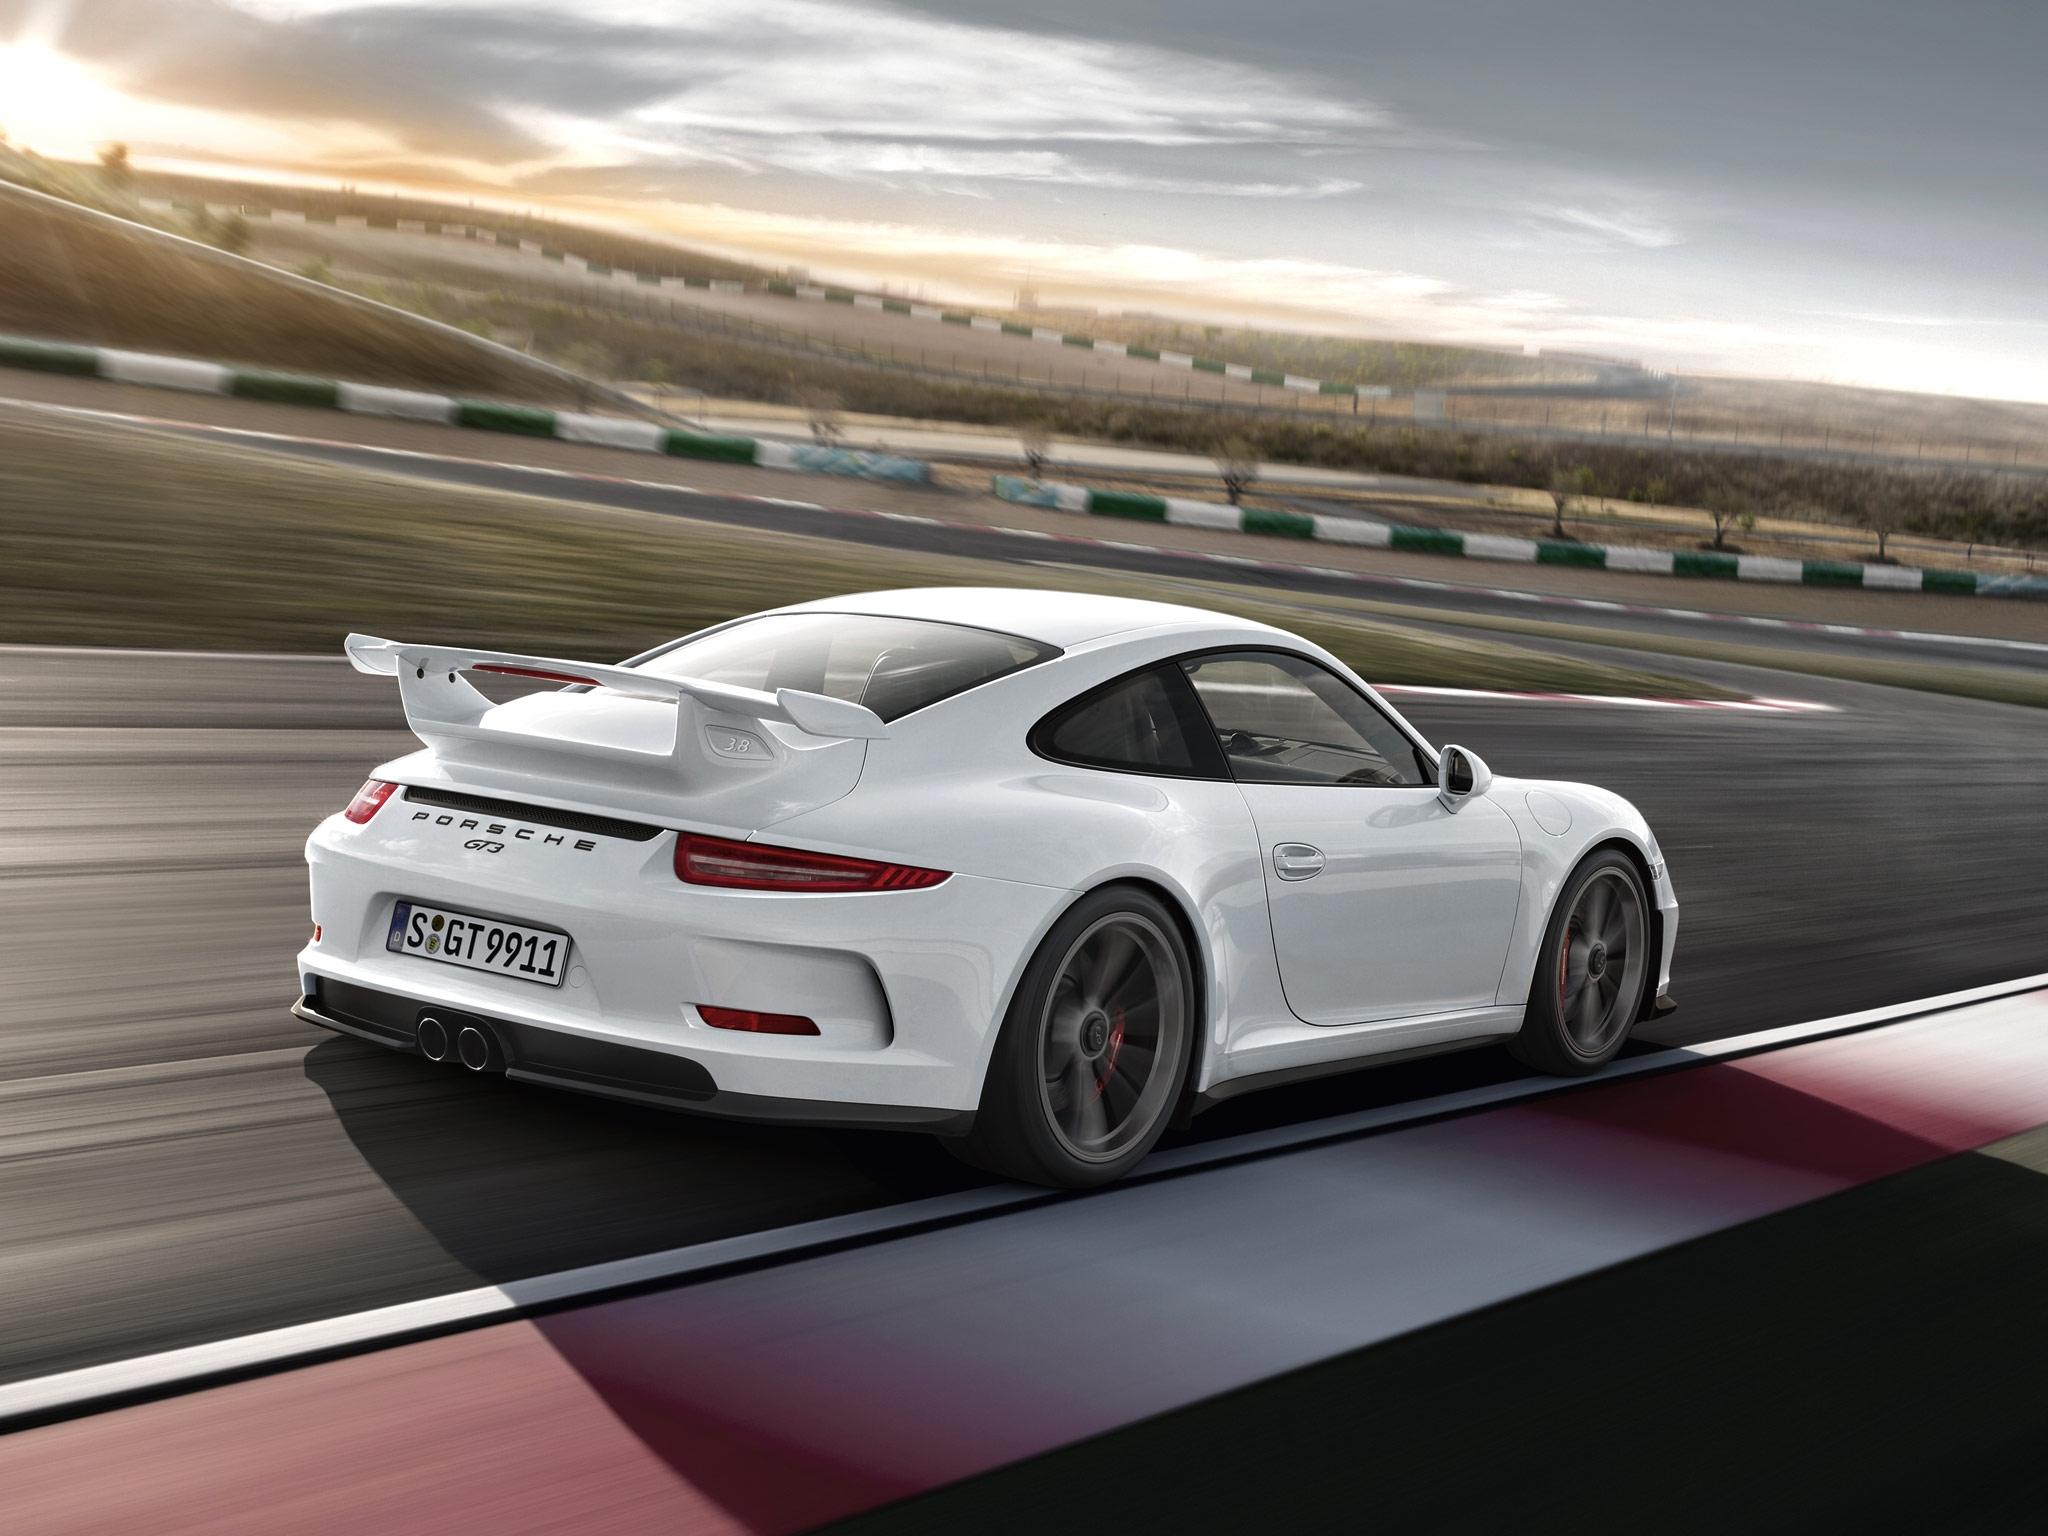 Porsche-911_Carrera_mp42_pic_99427 Exciting Porsche 911 Gt2 La Centrale Cars Trend